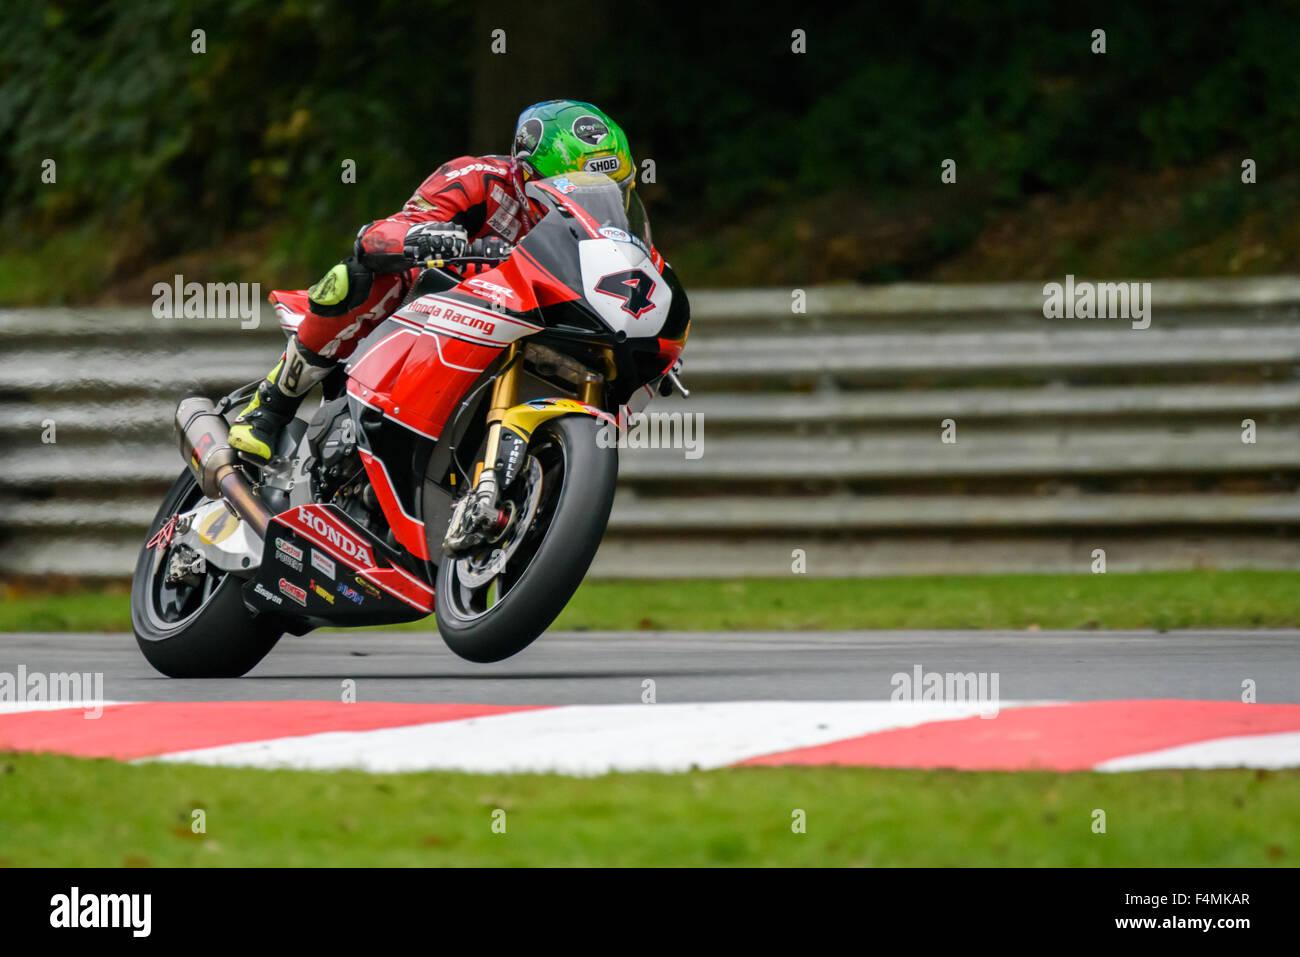 Racing Motor Bikes Stock Photos & Racing Motor Bikes Stock Images